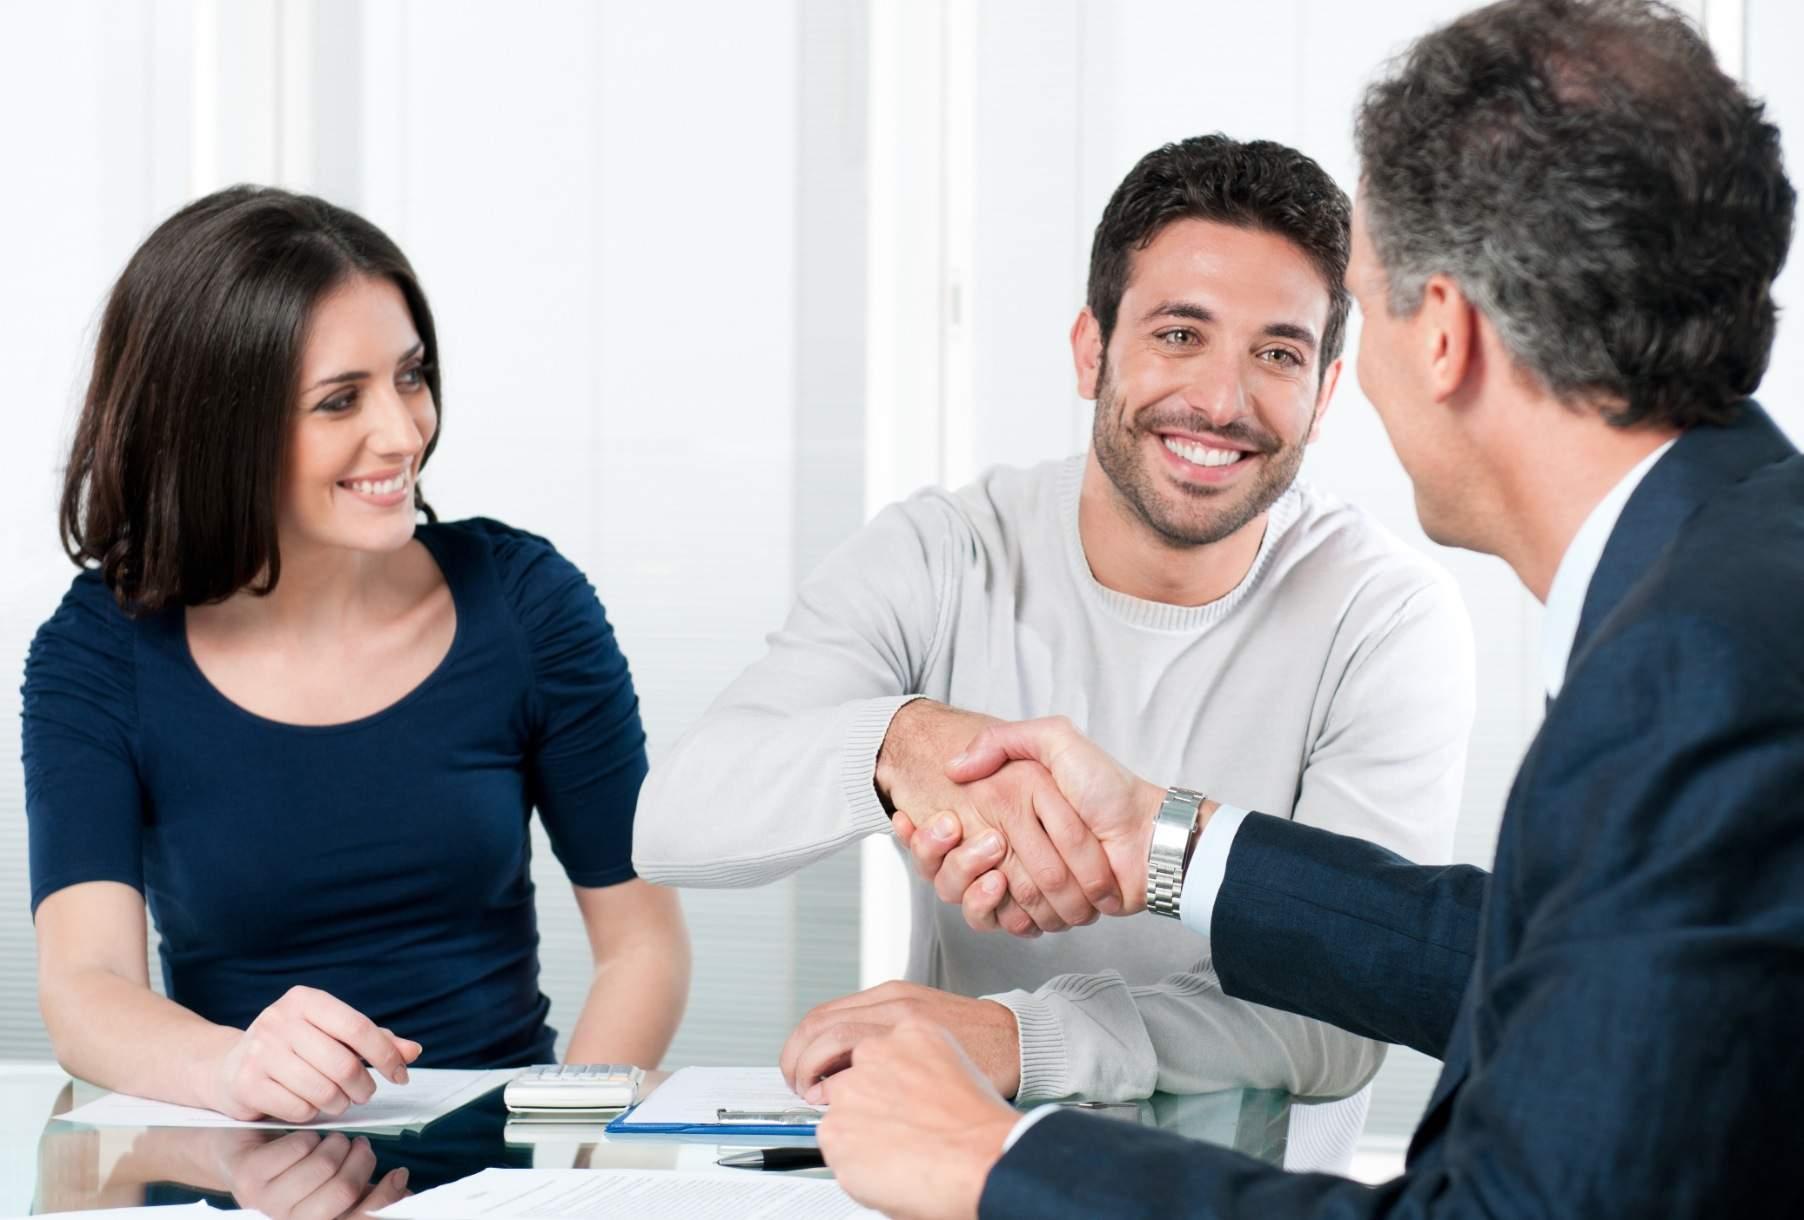 Mua bán ngôi nhà có nên thuê khu vực bàn giao dịch?